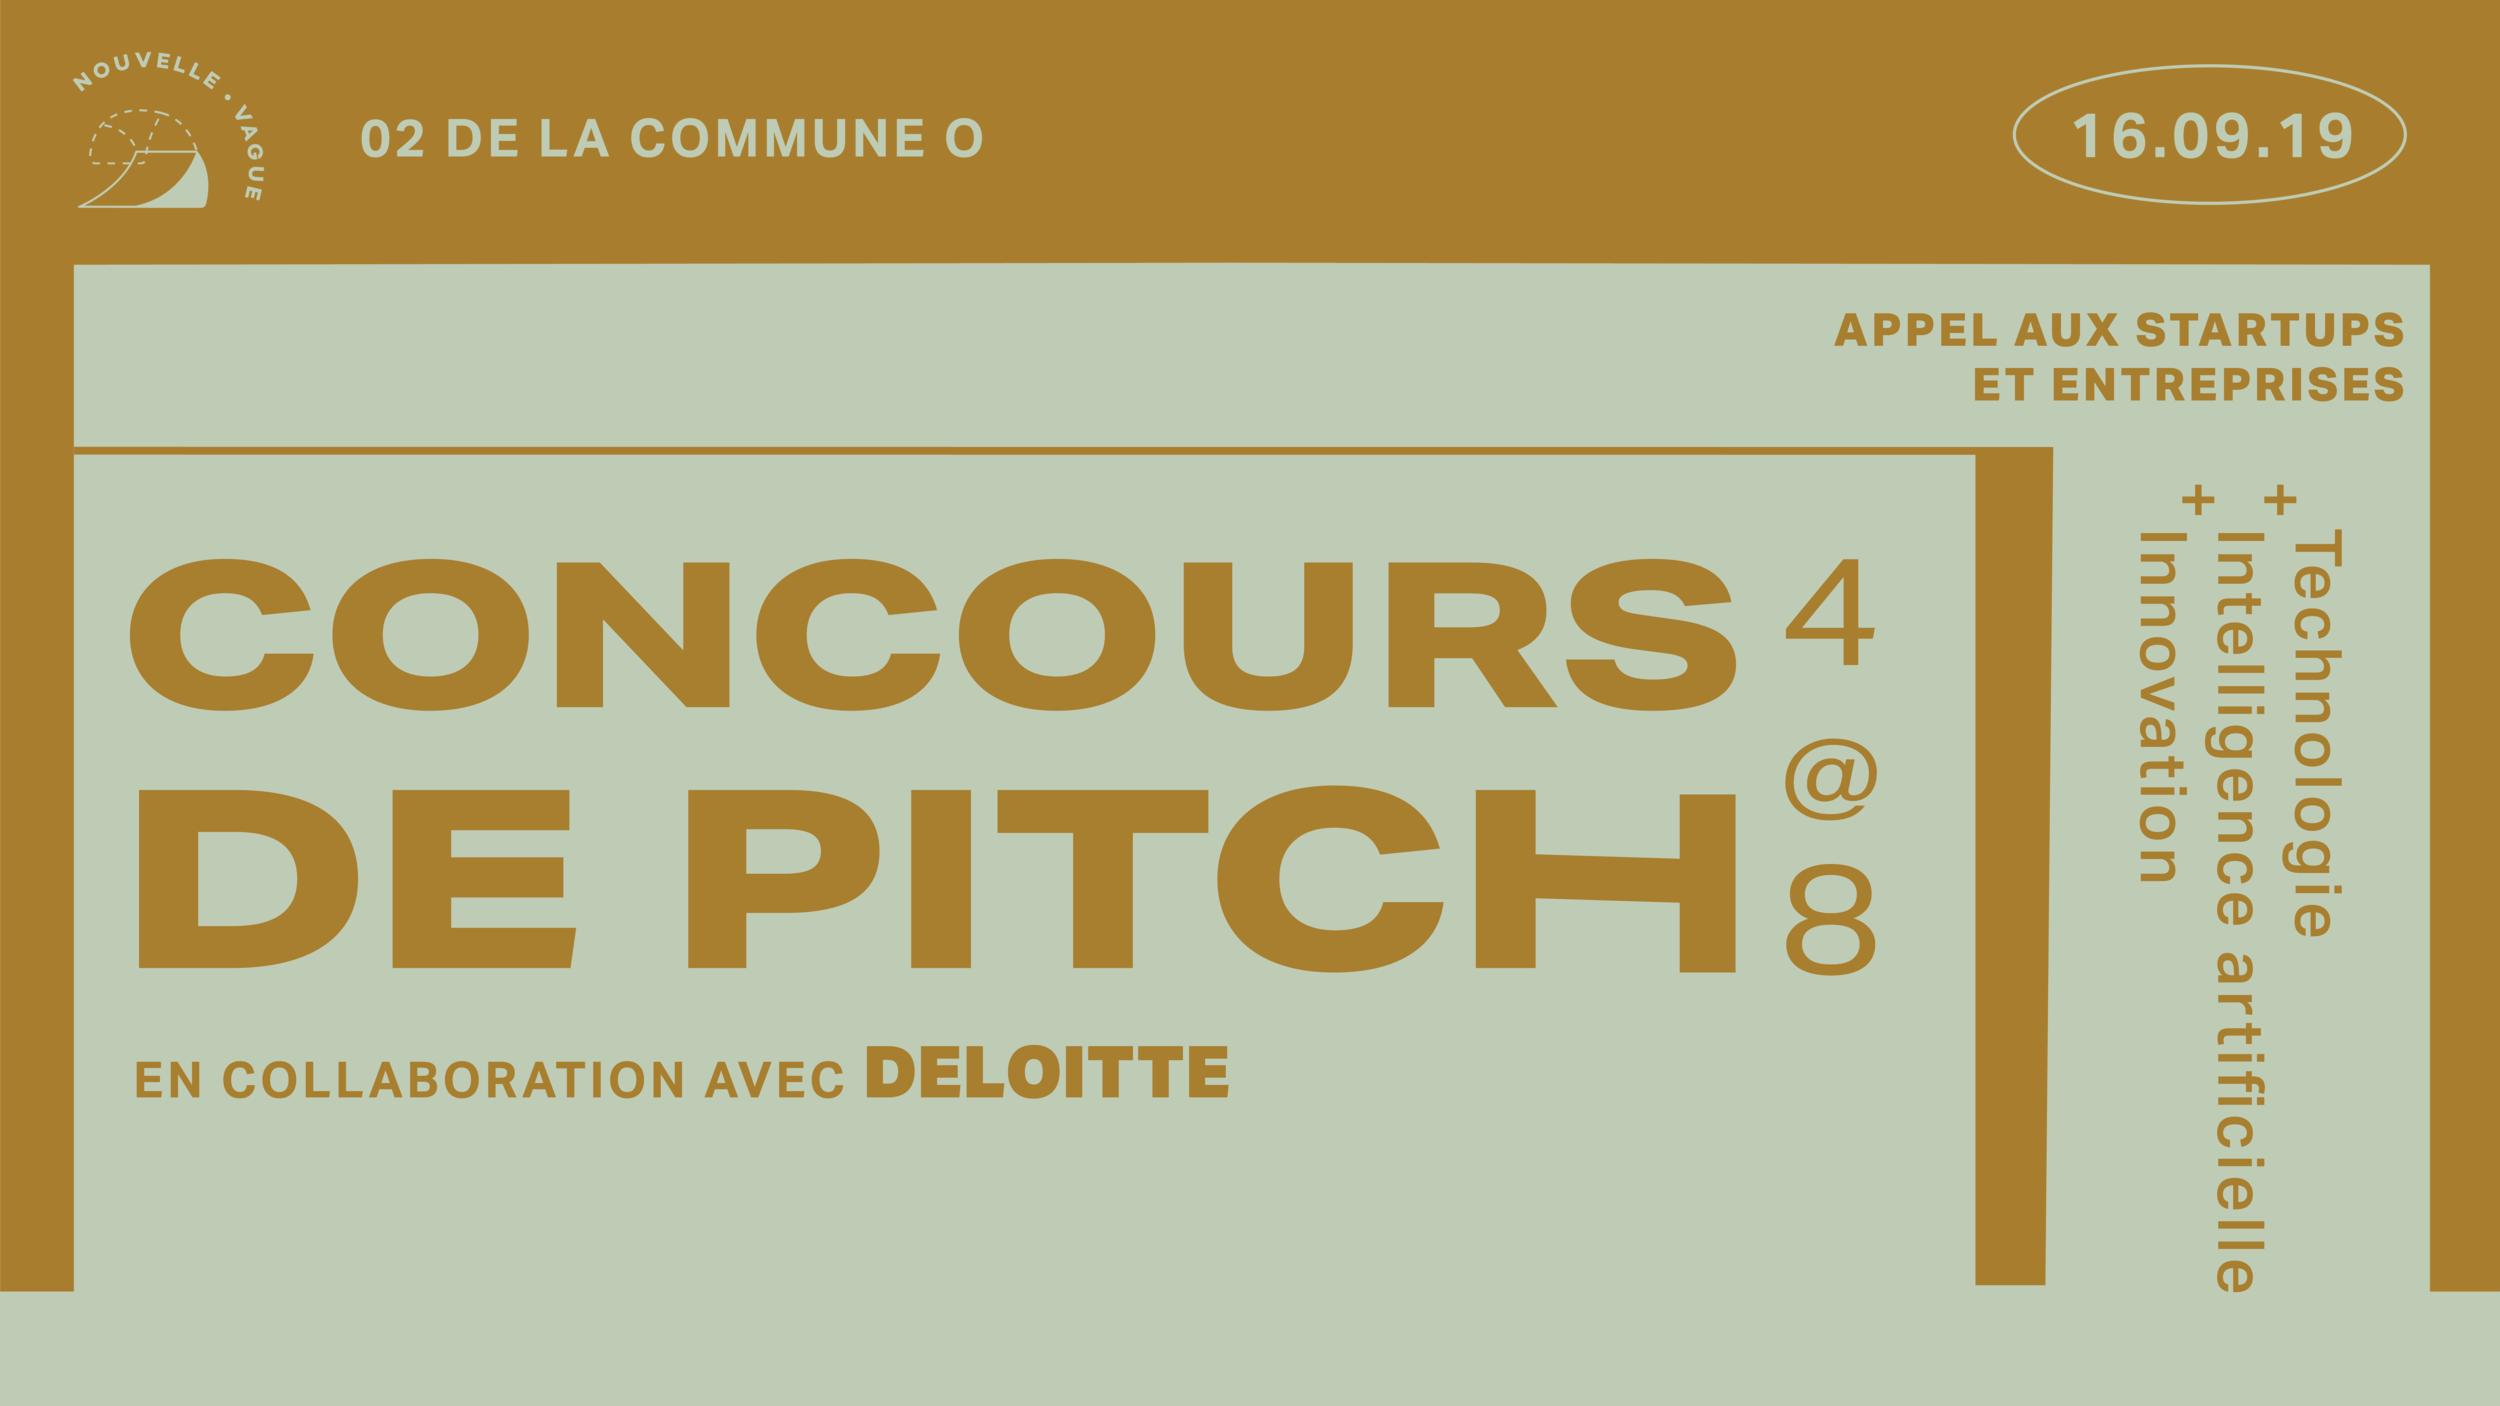 Découvrez aussi - Le concours de pitch en collaboration avec Deloitte, à Nouvelle Vague !- Technologie- Intelligence artificielle- Innovation